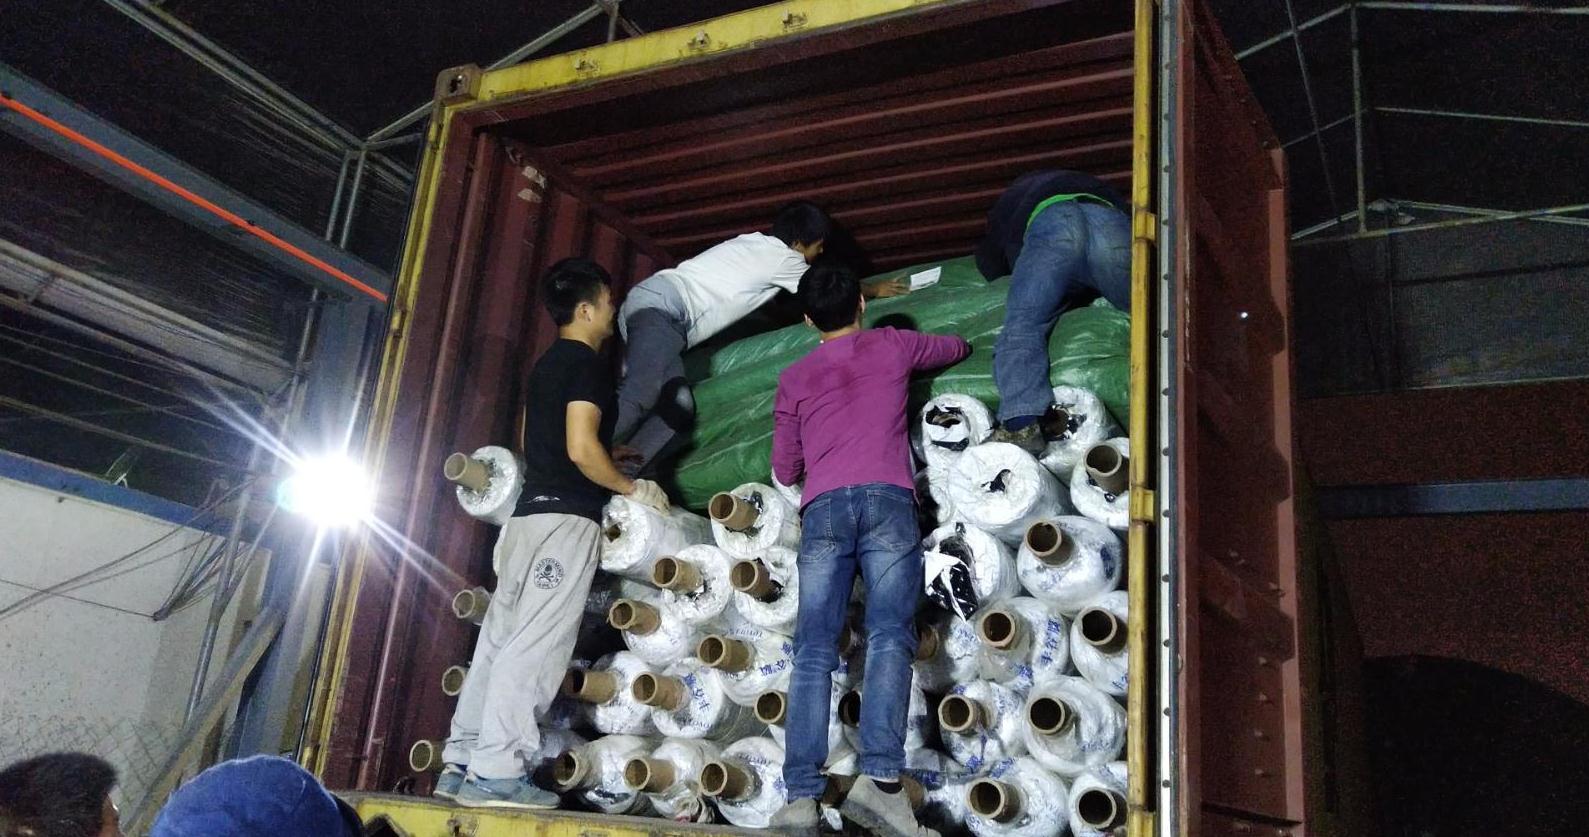 煌城温室全套资材出口附合加拿大、新加坡等国家质量要求-蔬菜大棚出口广州市煌城温室工程有限公司温室大棚出口